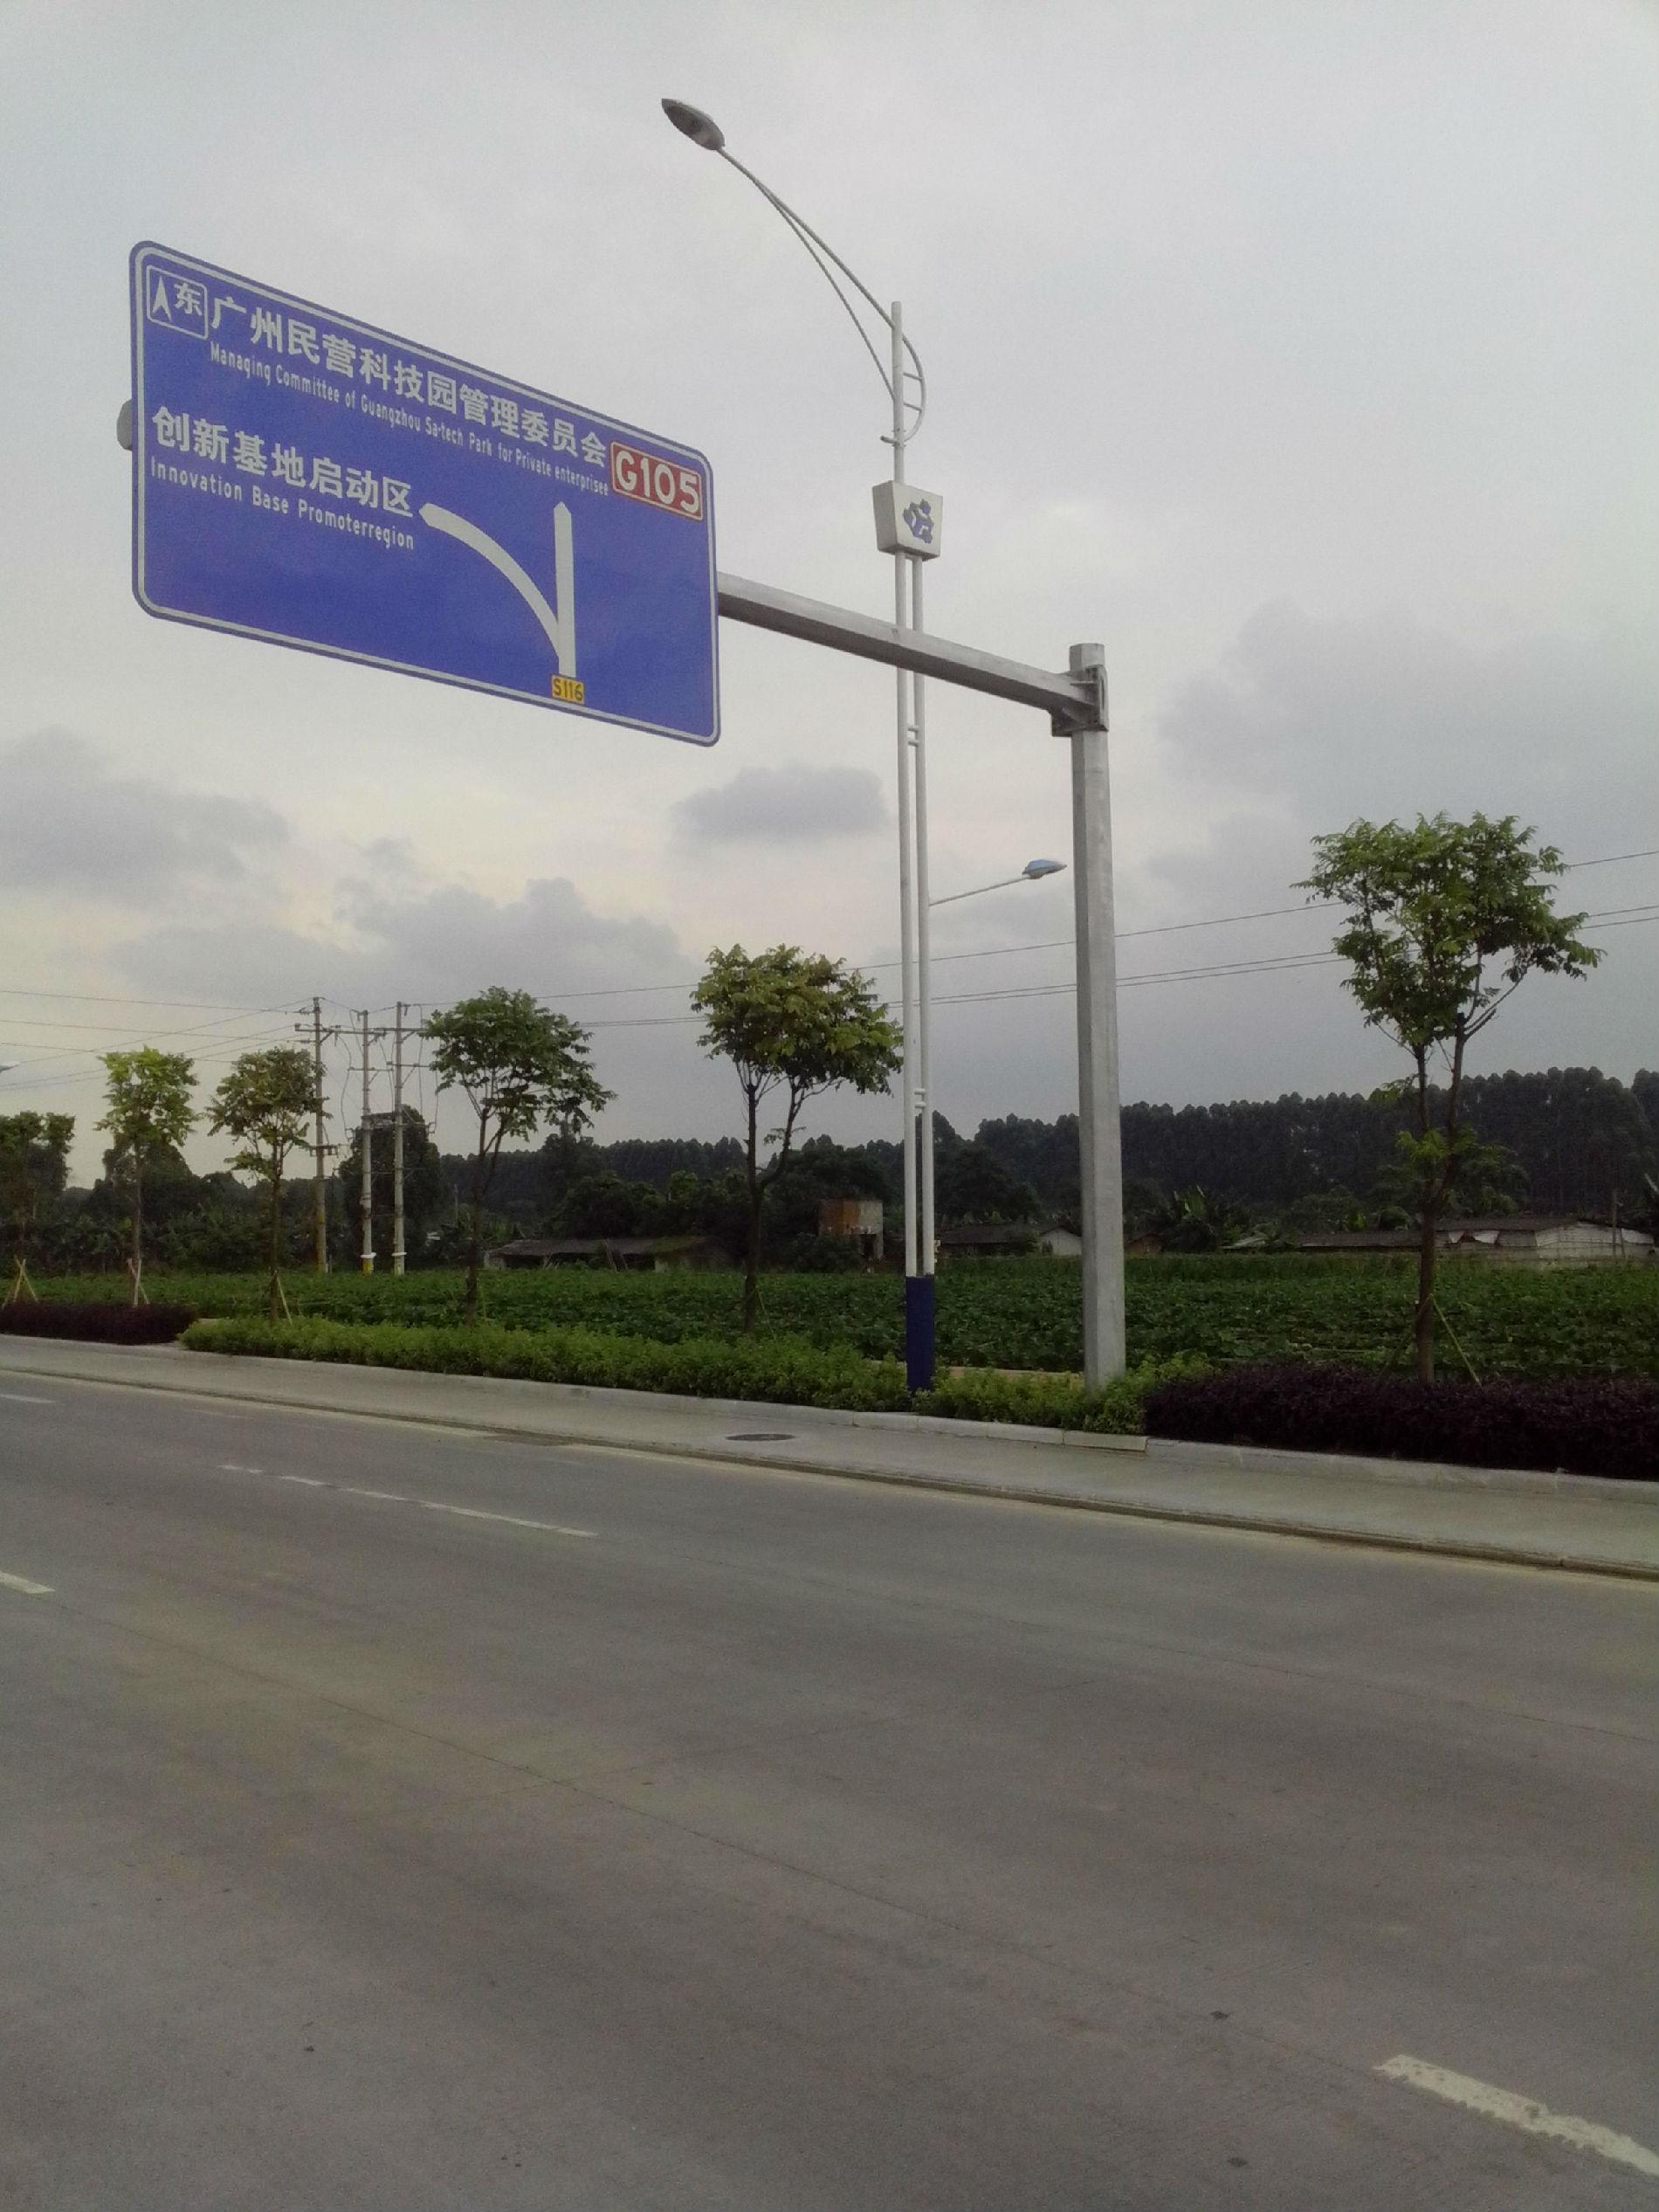 广州阿凡达八角杆,路标立杆,红绿灯杆